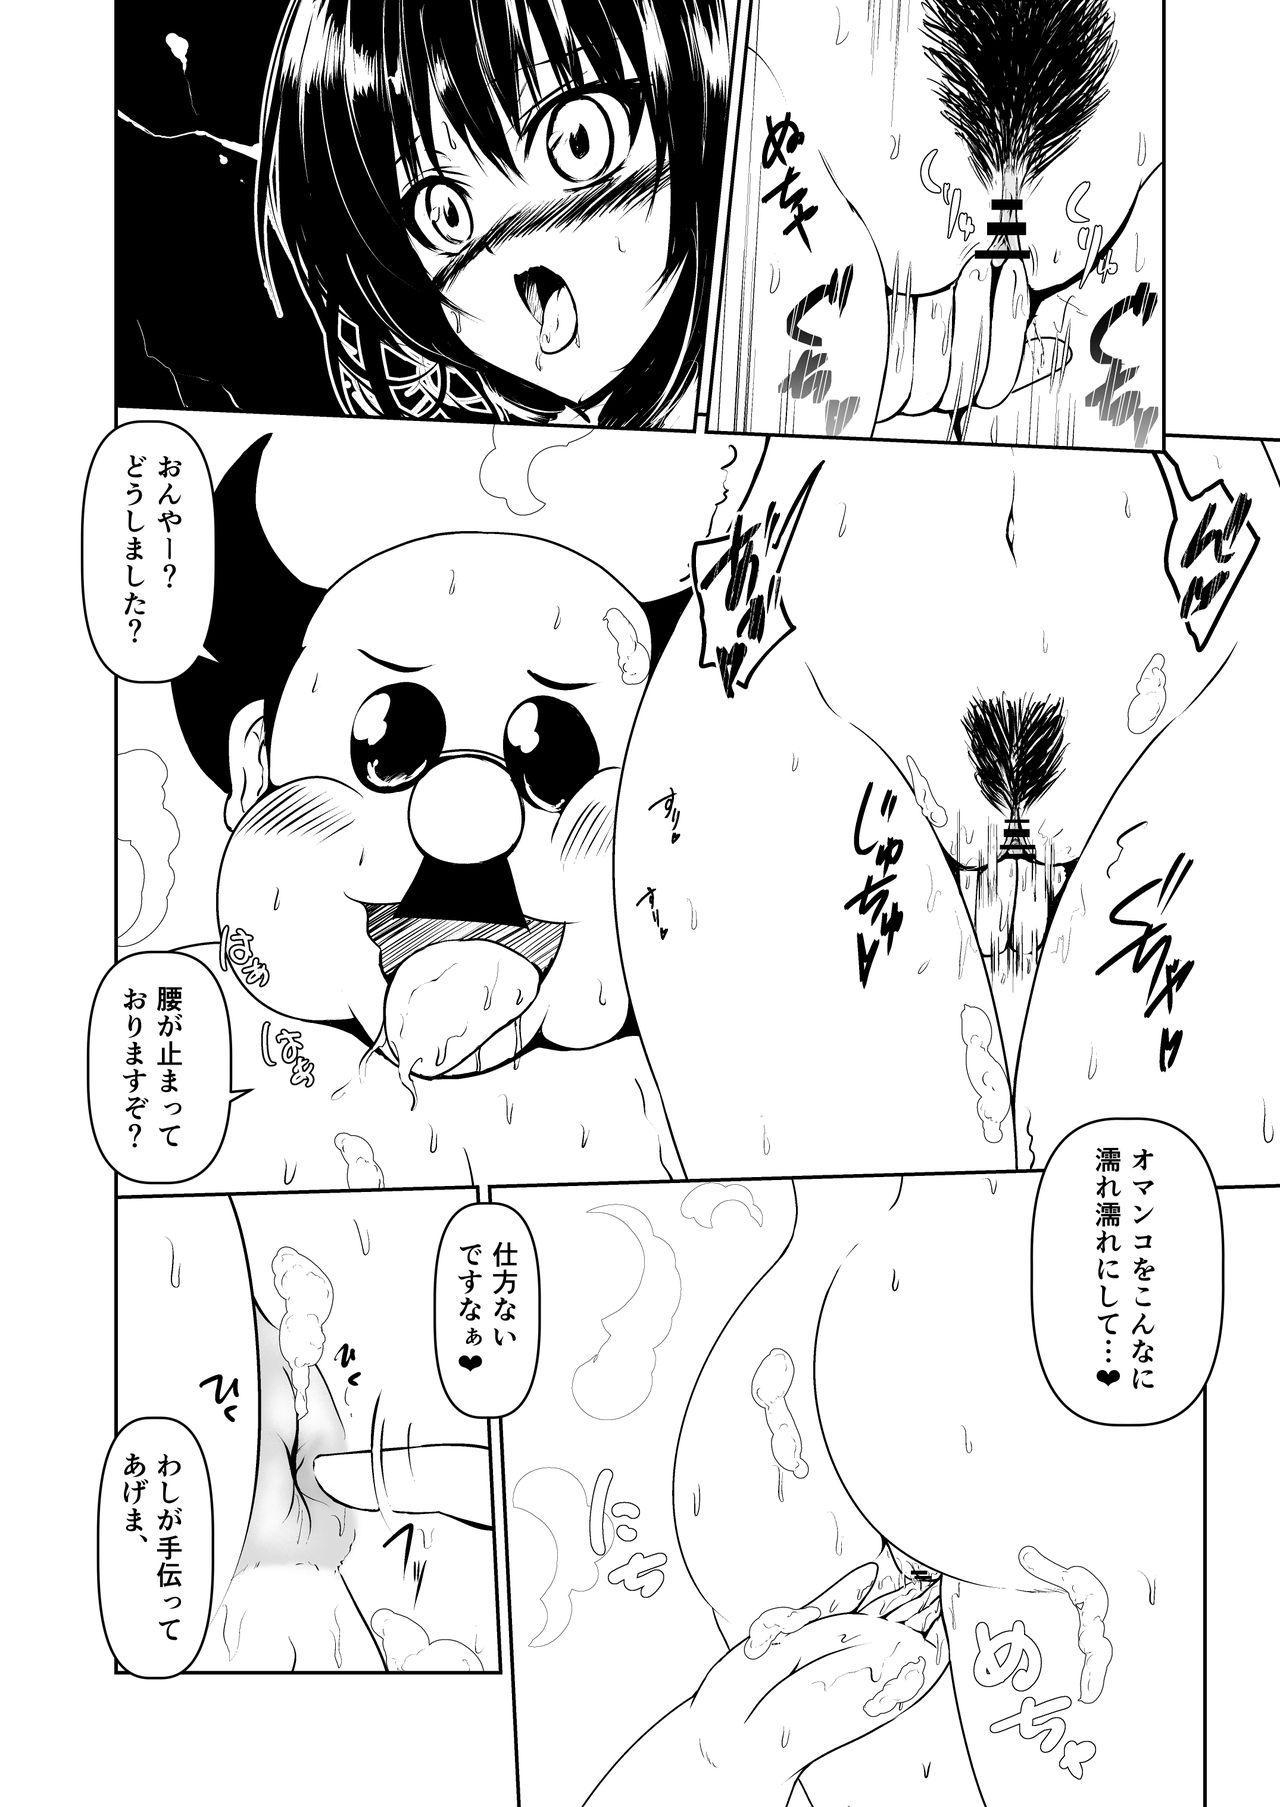 Kotegawa Kouchou Seisou Katsudou 9